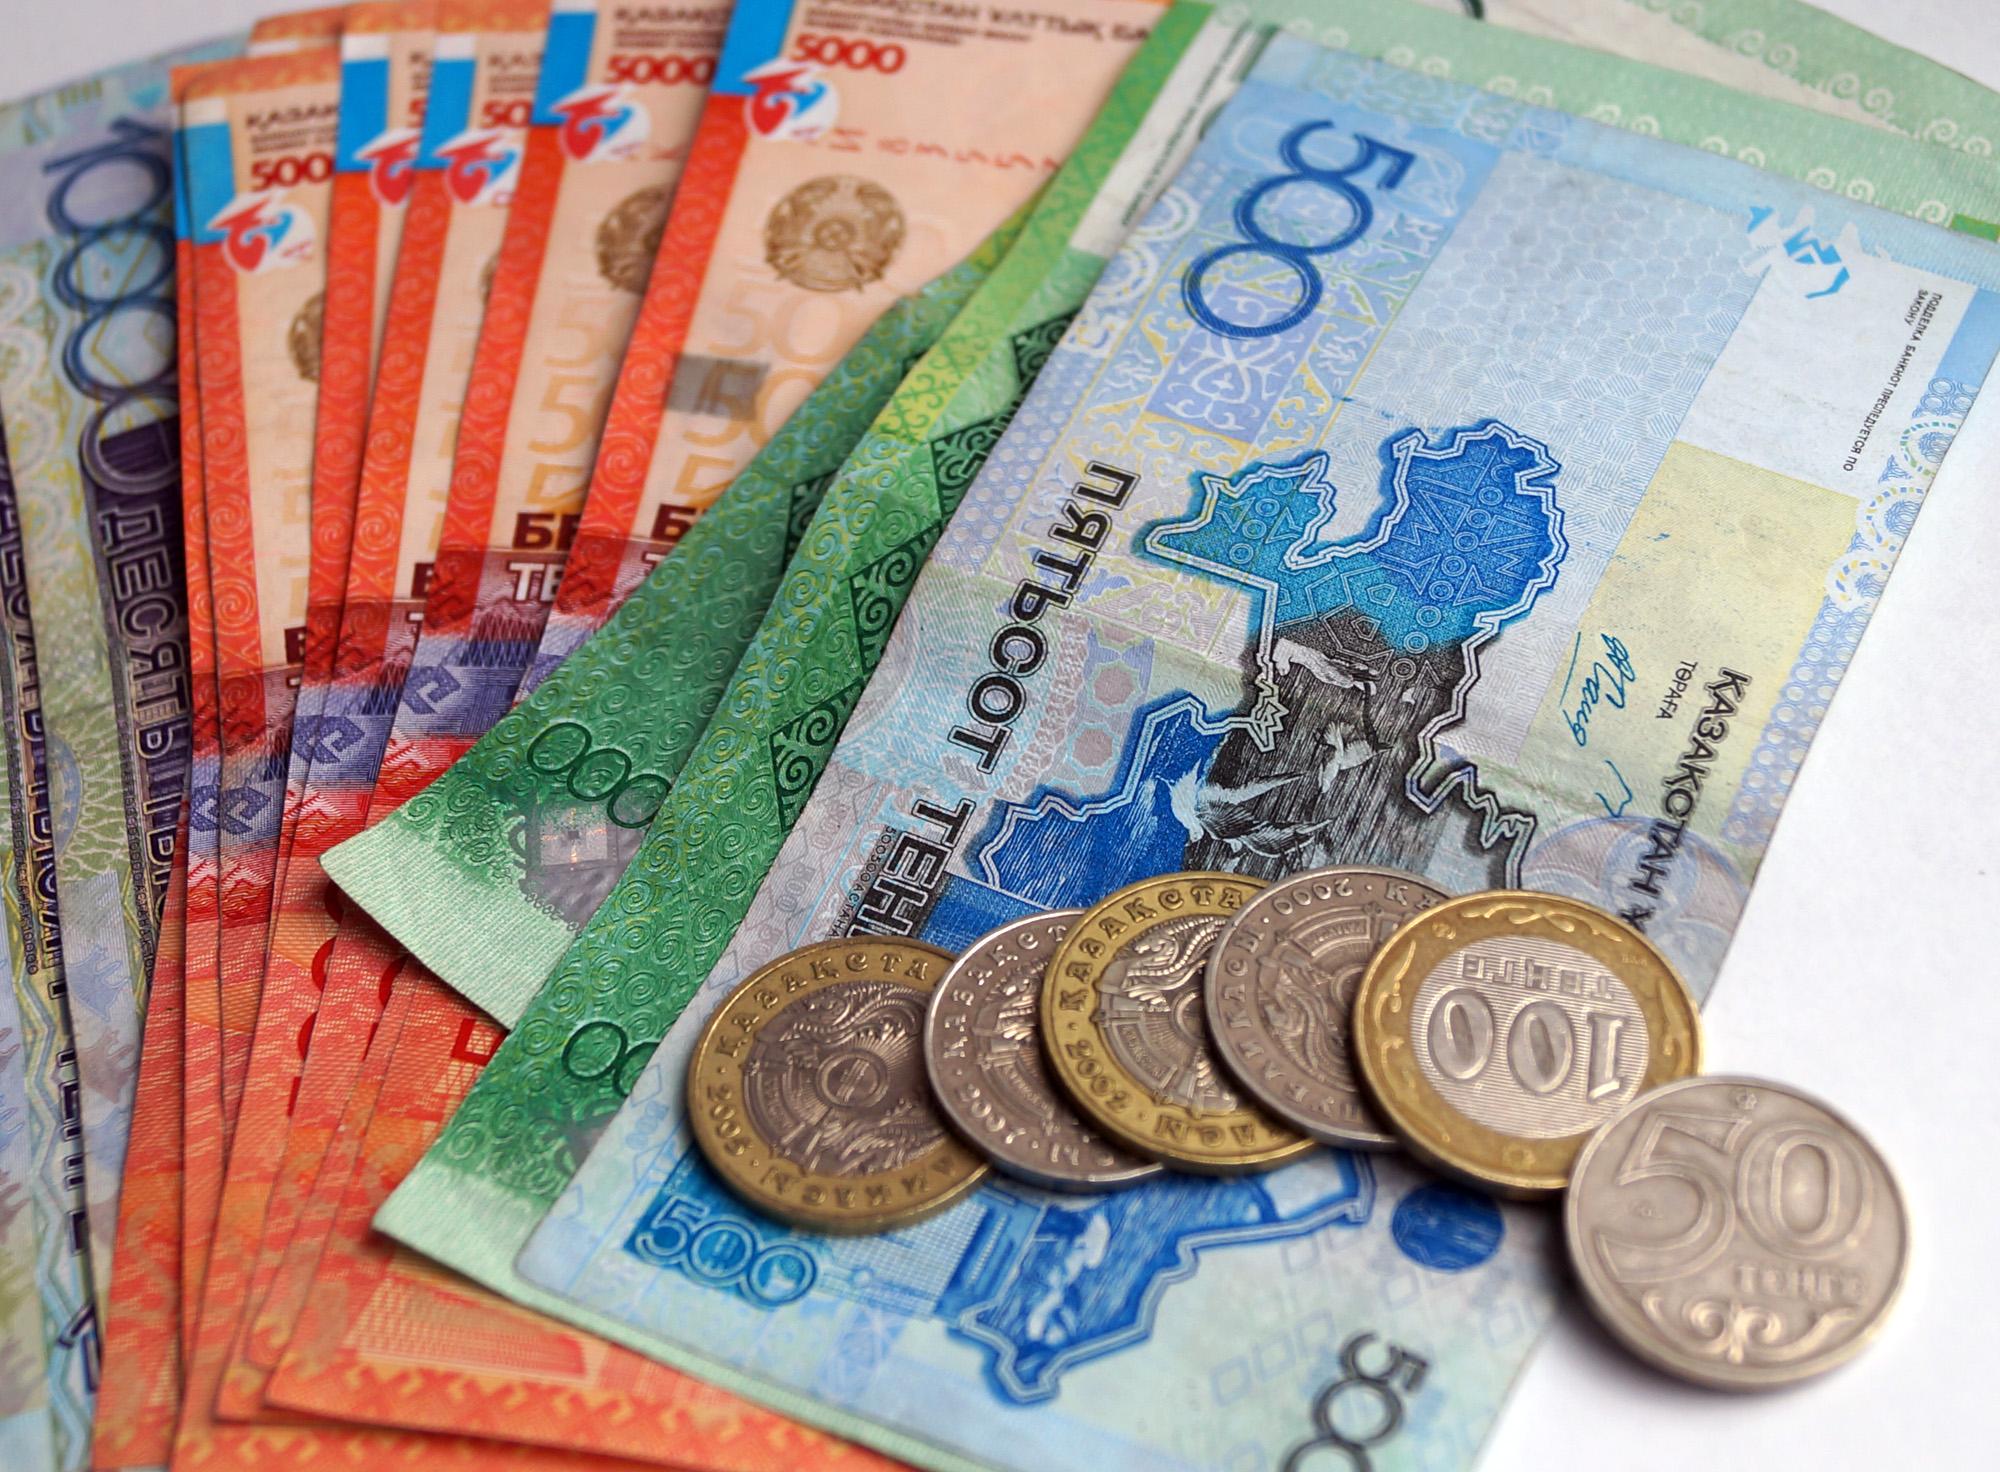 АО «Банк Астаны» исполнило свои обязательства перед АО «ЕНПФ» по пенсионным активам, Банк Астаны , ЕНПФ